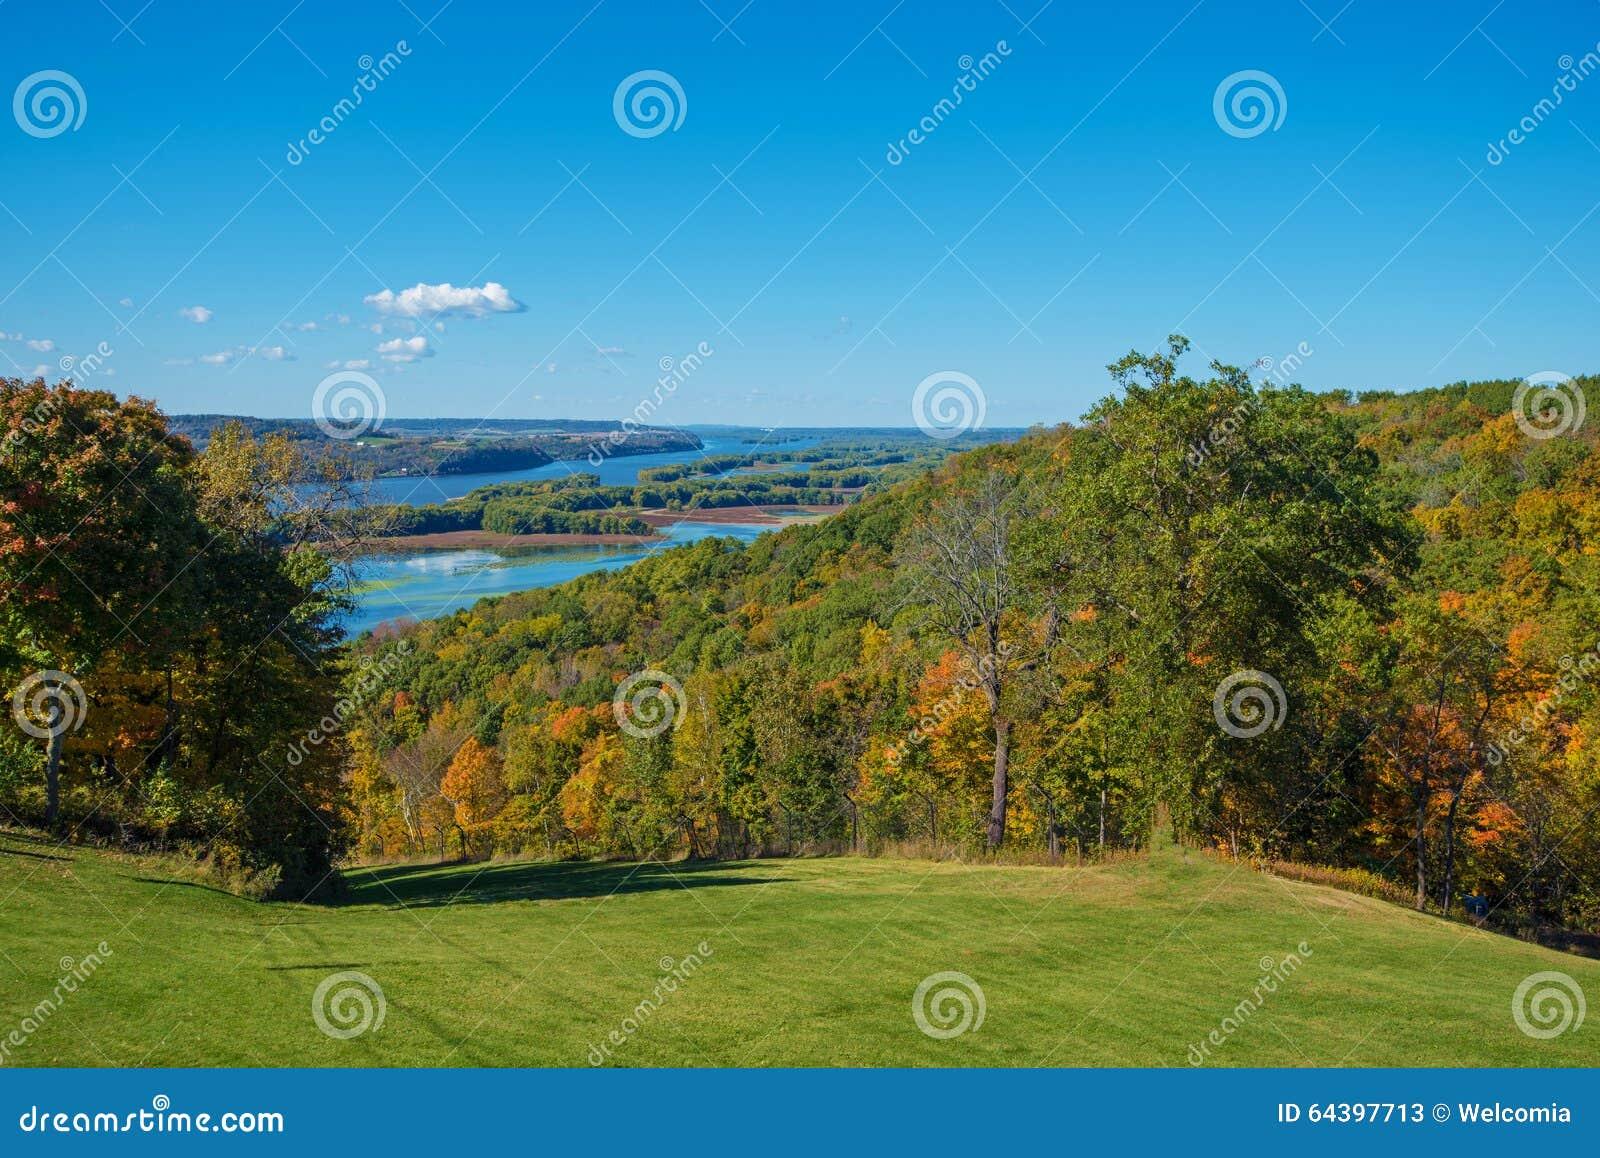 Iowa Mississippi River